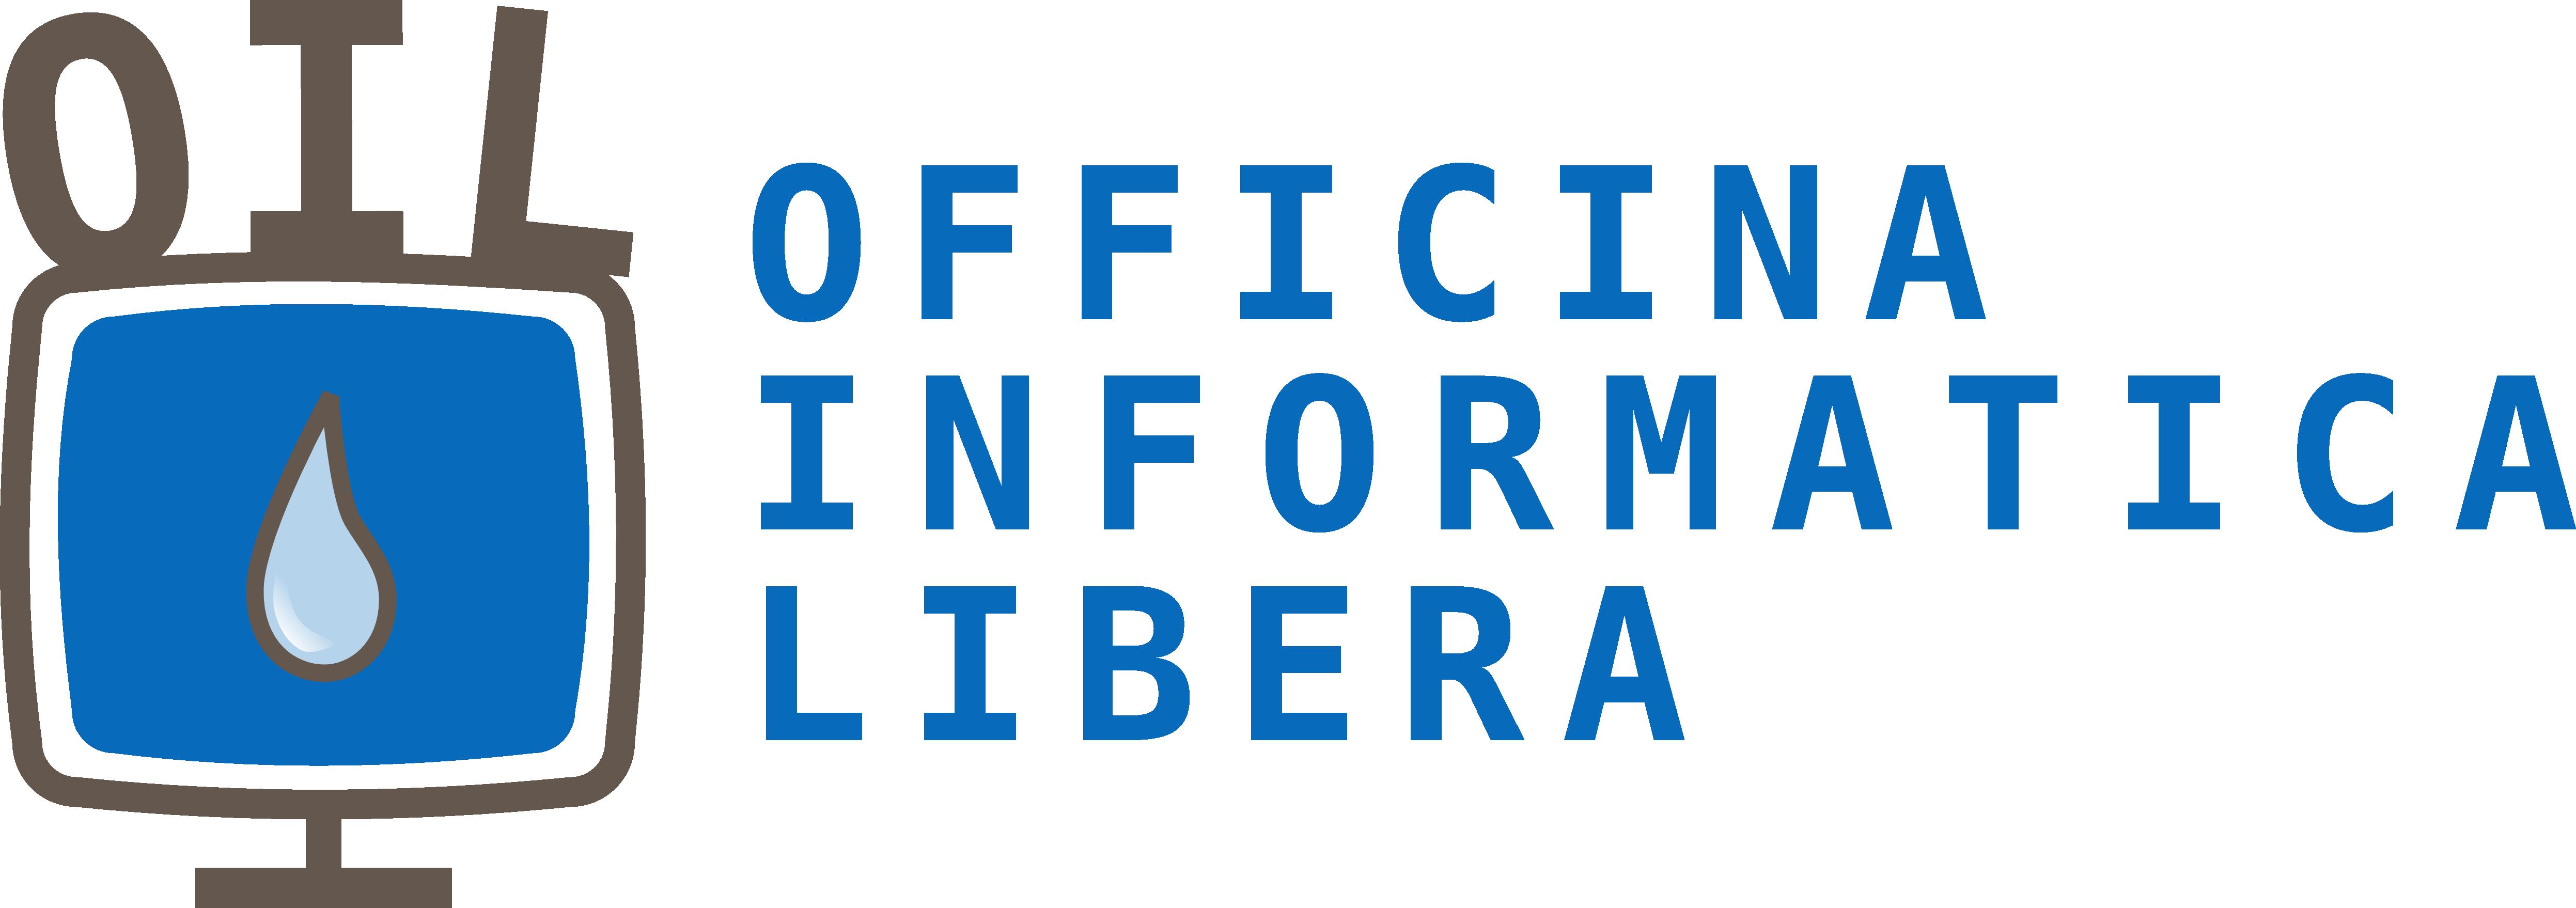 Officina Informatica Libera